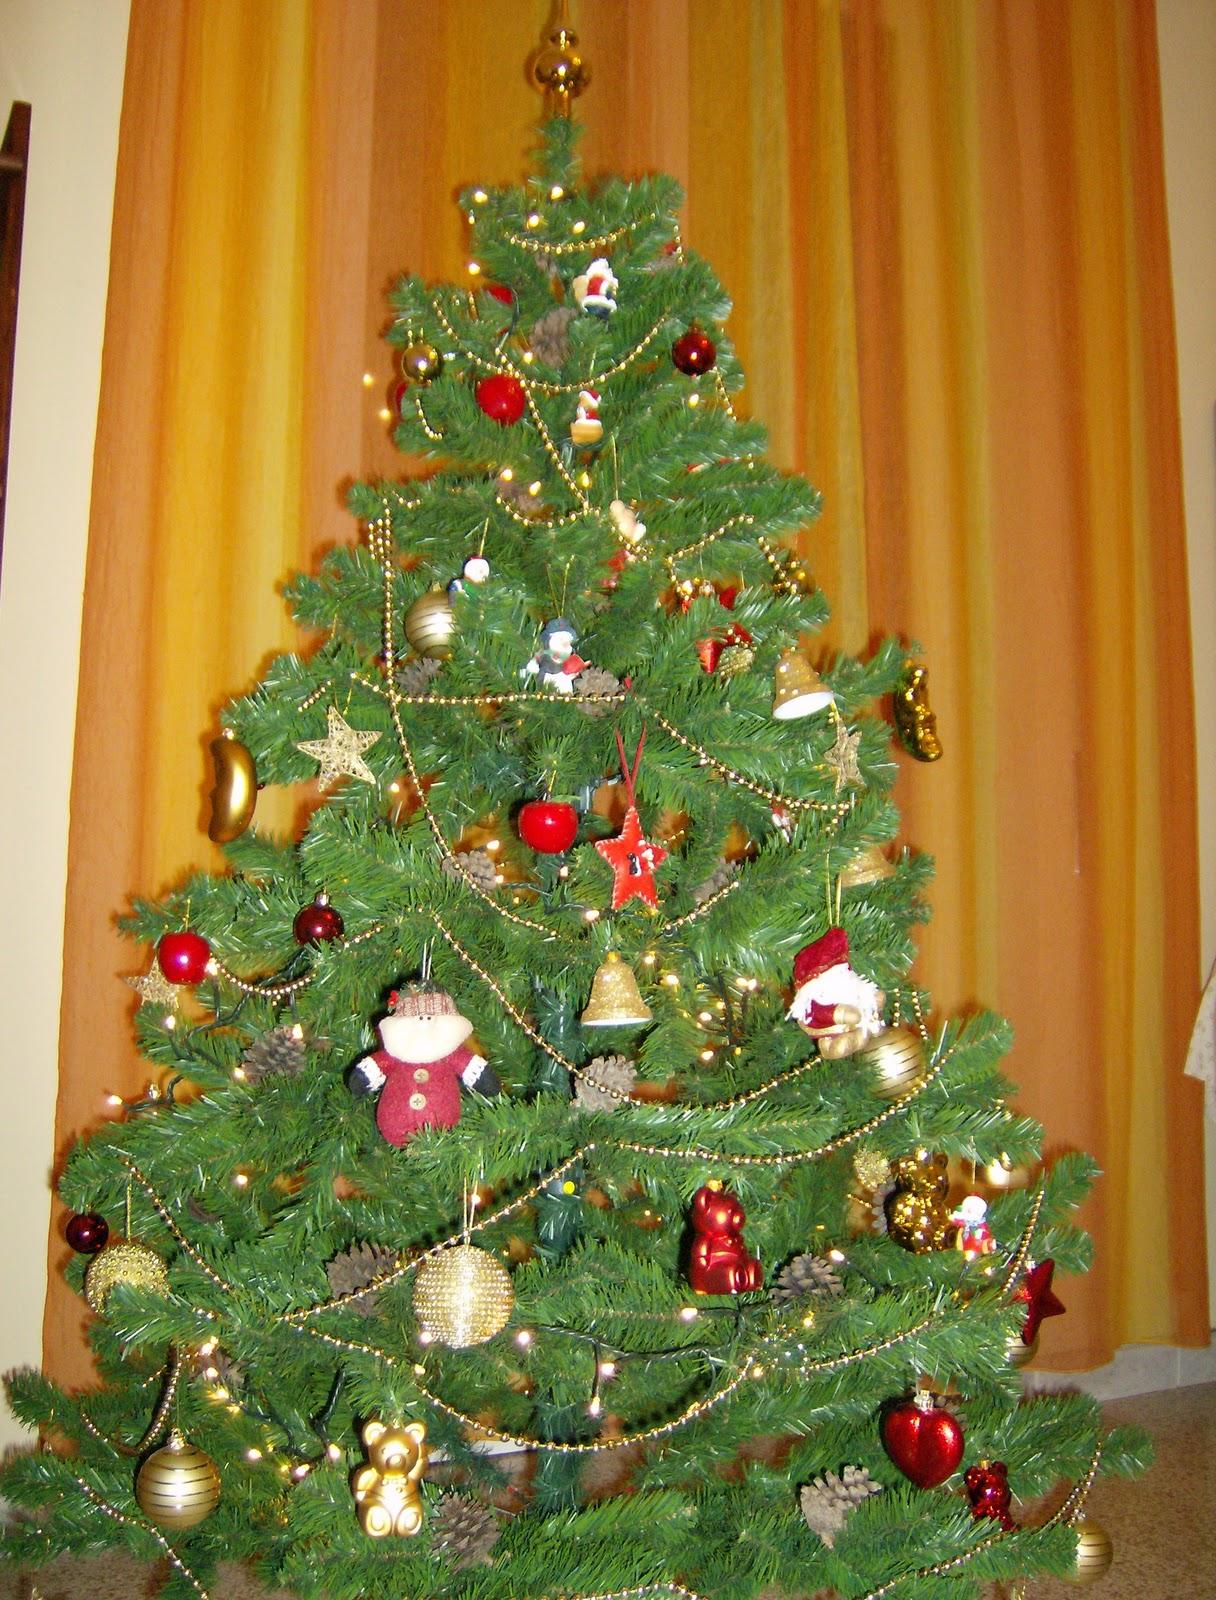 Albero Di Natale 8 Dicembre.Il Mondo E Tutto Il Resto La Vita 8 Dicembre Si Fa L Albero Di